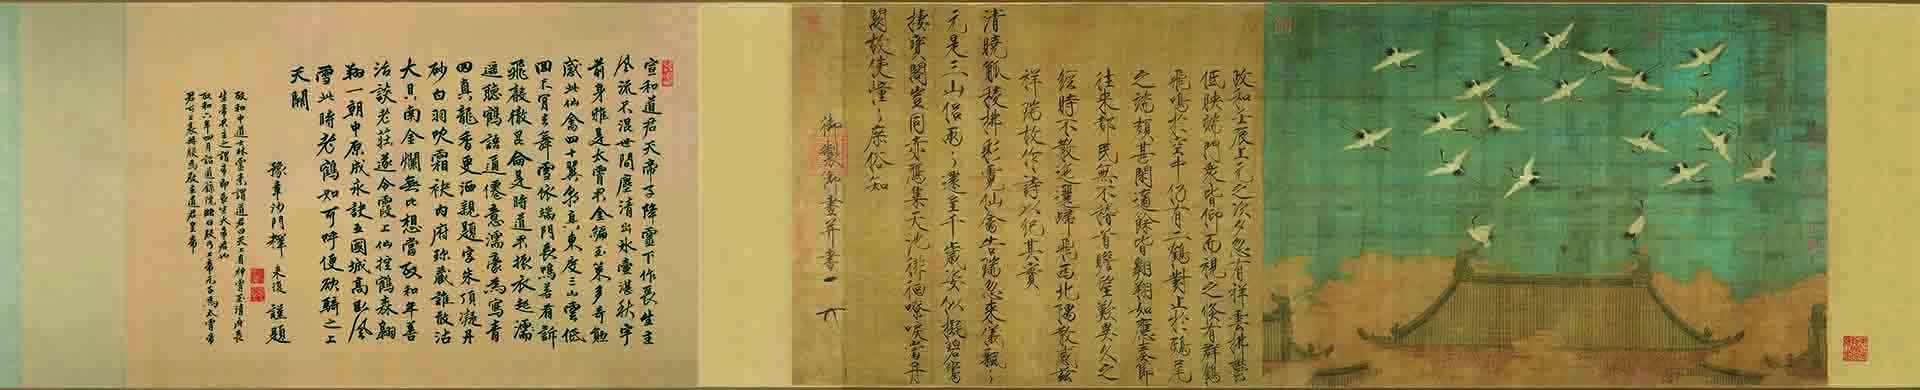 北宋 赵佶 瑞鹤图(全卷)绢本51X138cm